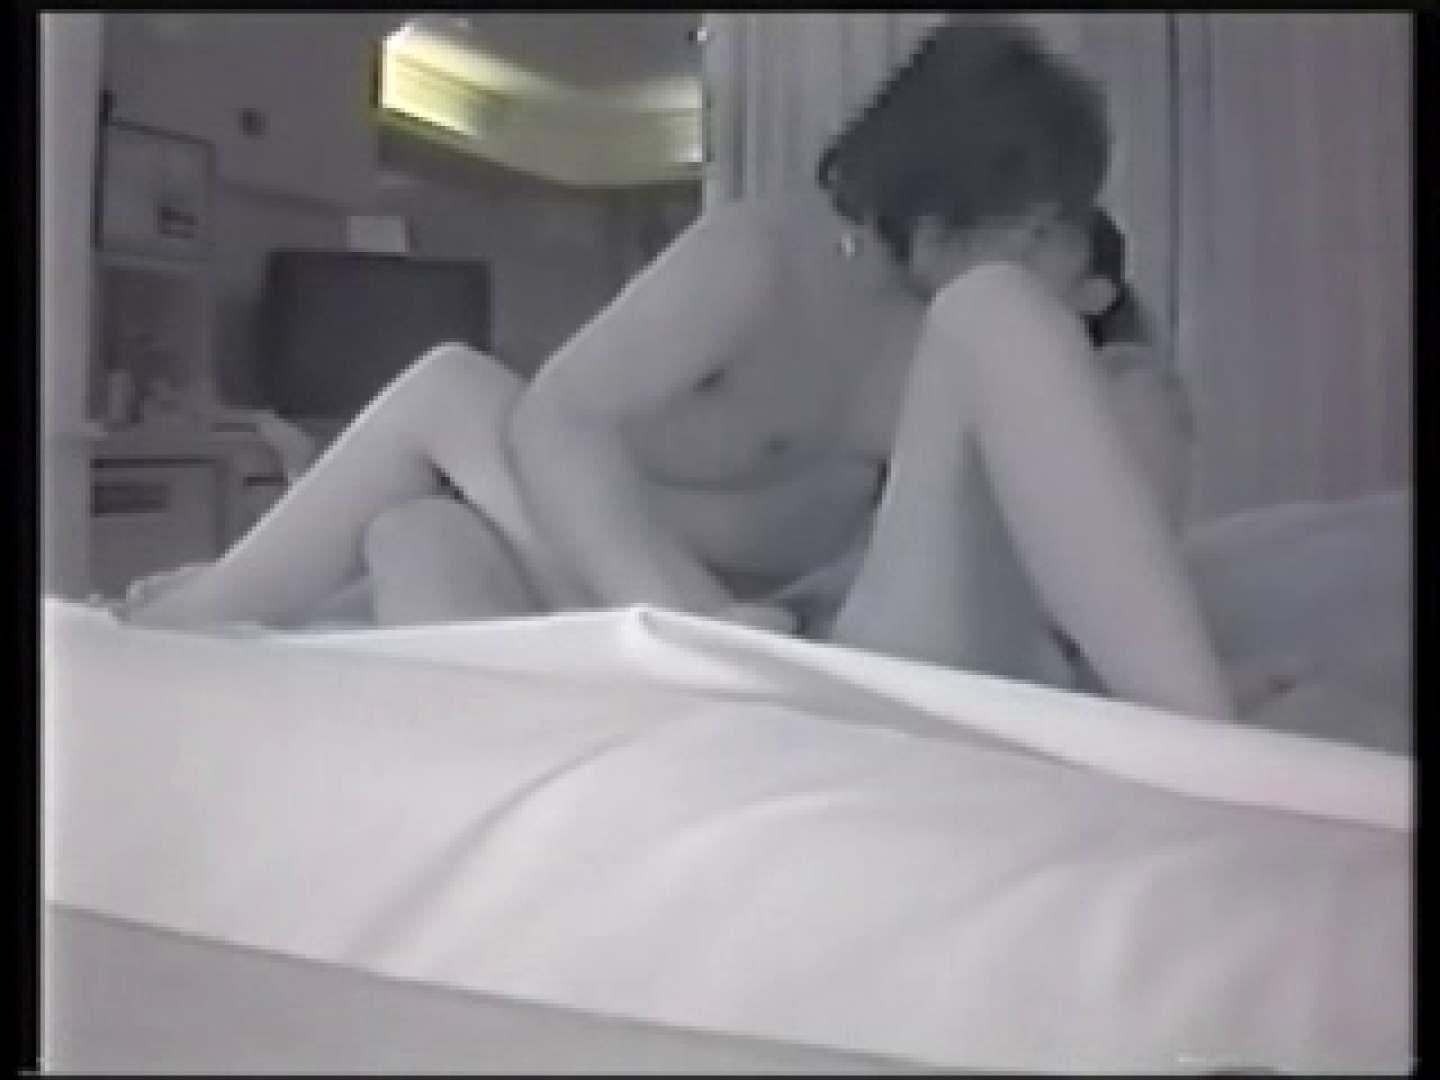 素人SEX隠し撮り 4 隠撮  80連発 19